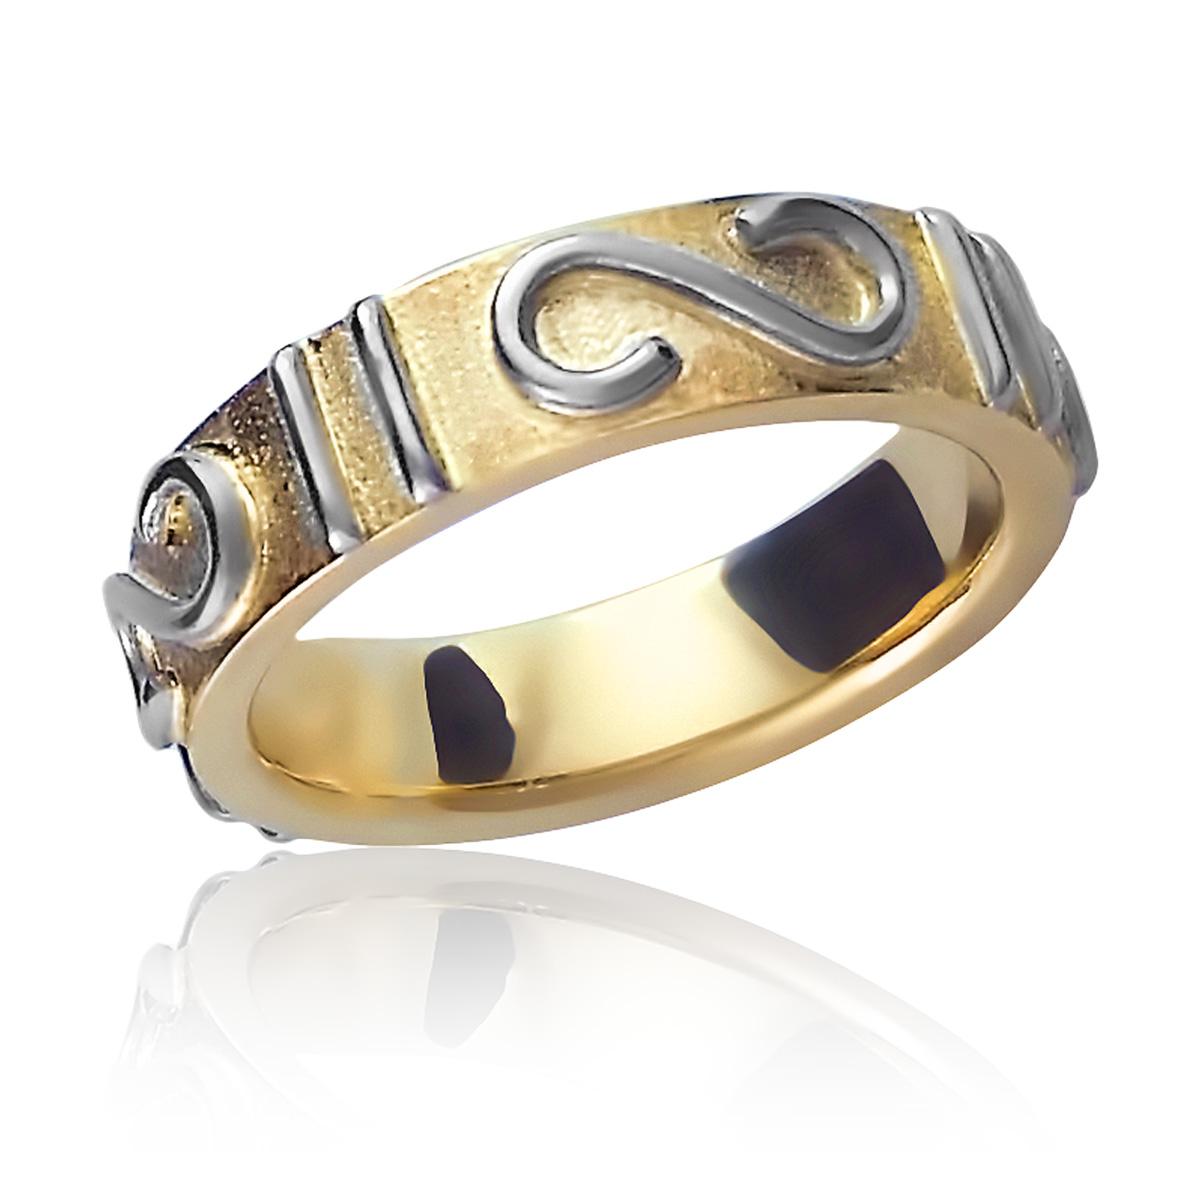 Обручальное кольцо американка со знаком бесконечность «Infinitas»